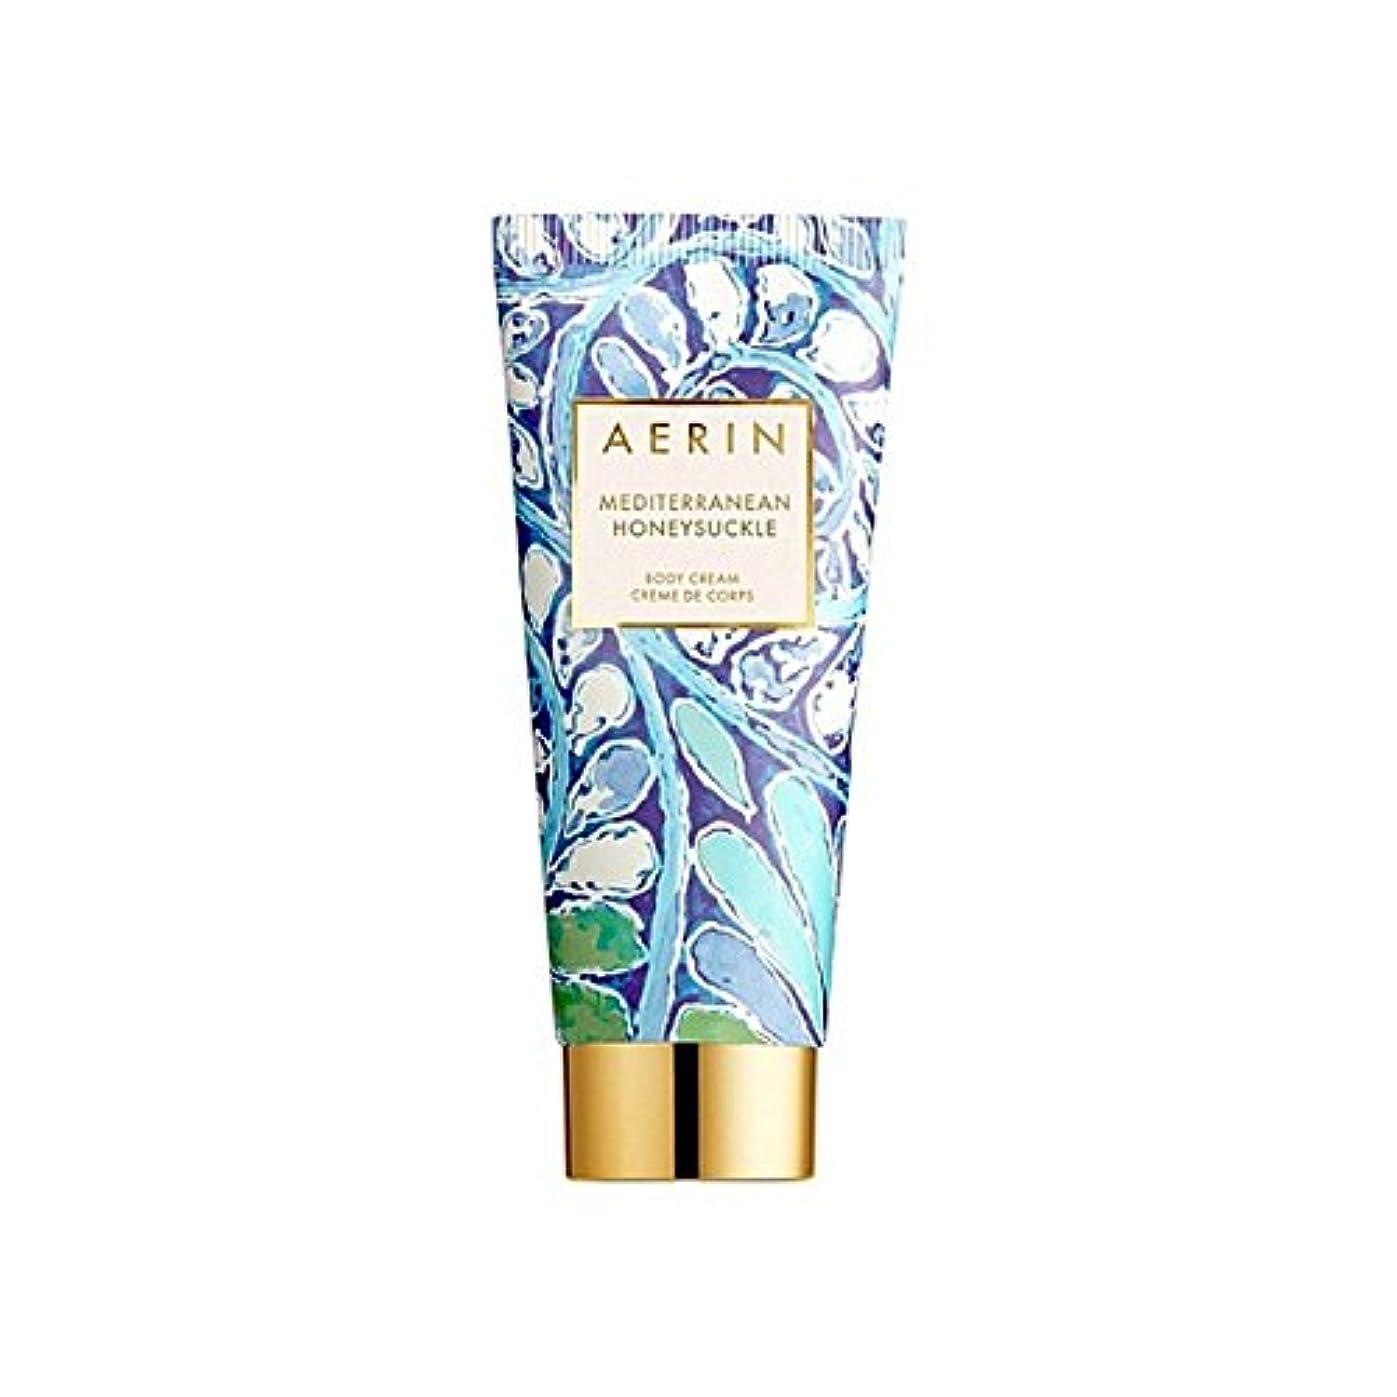 垂直ポータブルおかしいAerin Mediterrenean Honeysuckle Body Cream 150ml (Pack of 6) - スイカズラボディクリーム150ミリリットル x6 [並行輸入品]